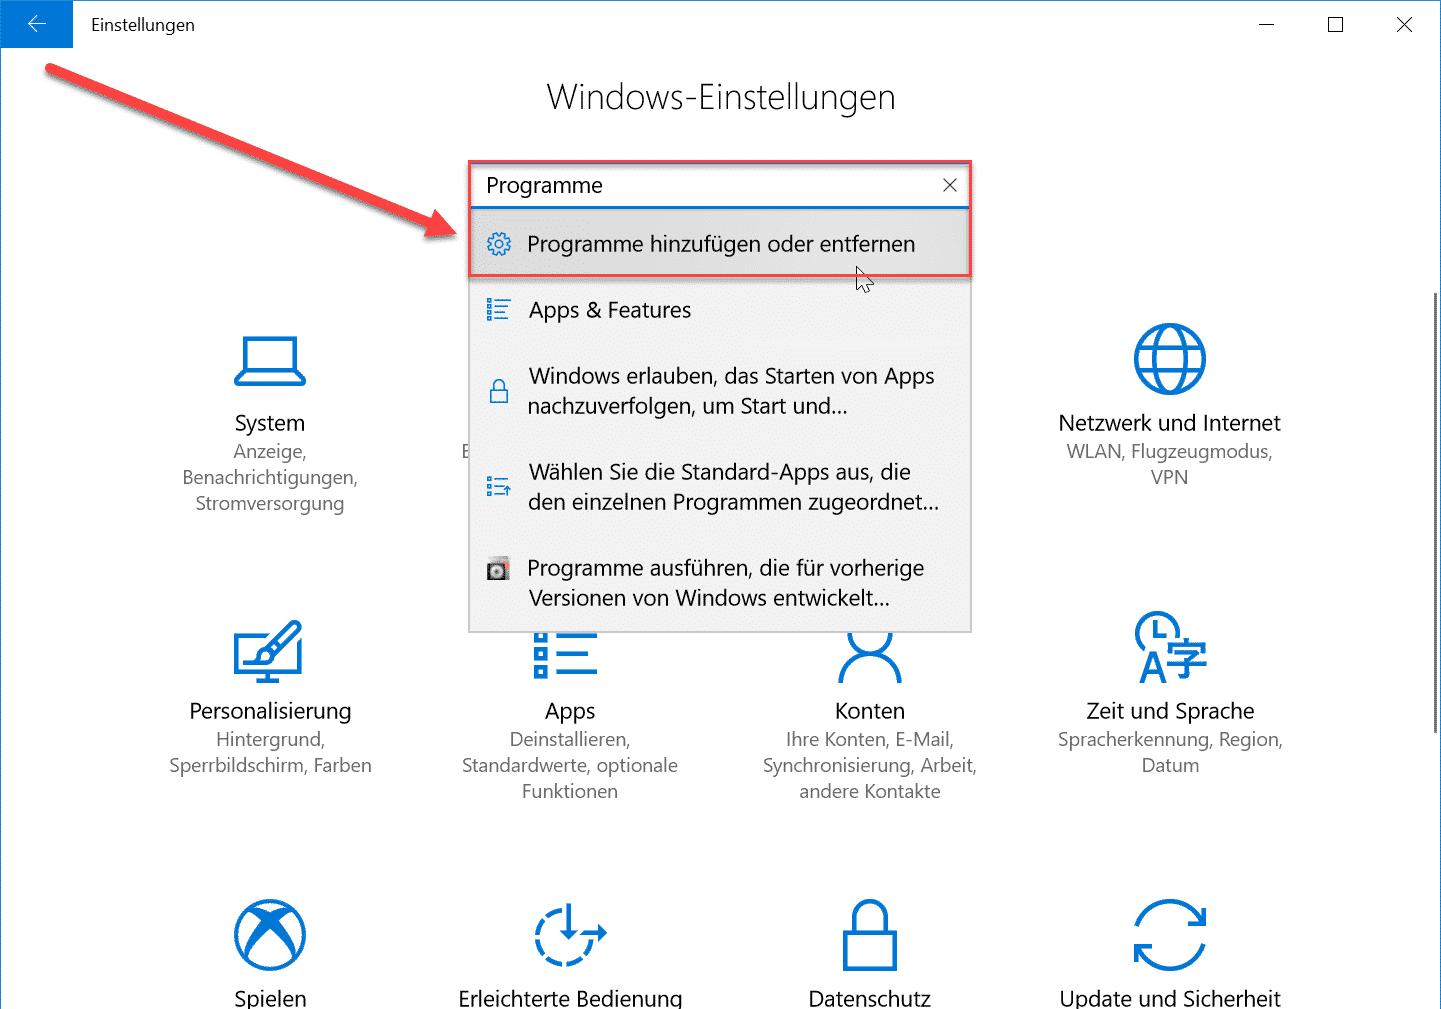 Windows 10 Programme hinzufügen oder entfernen